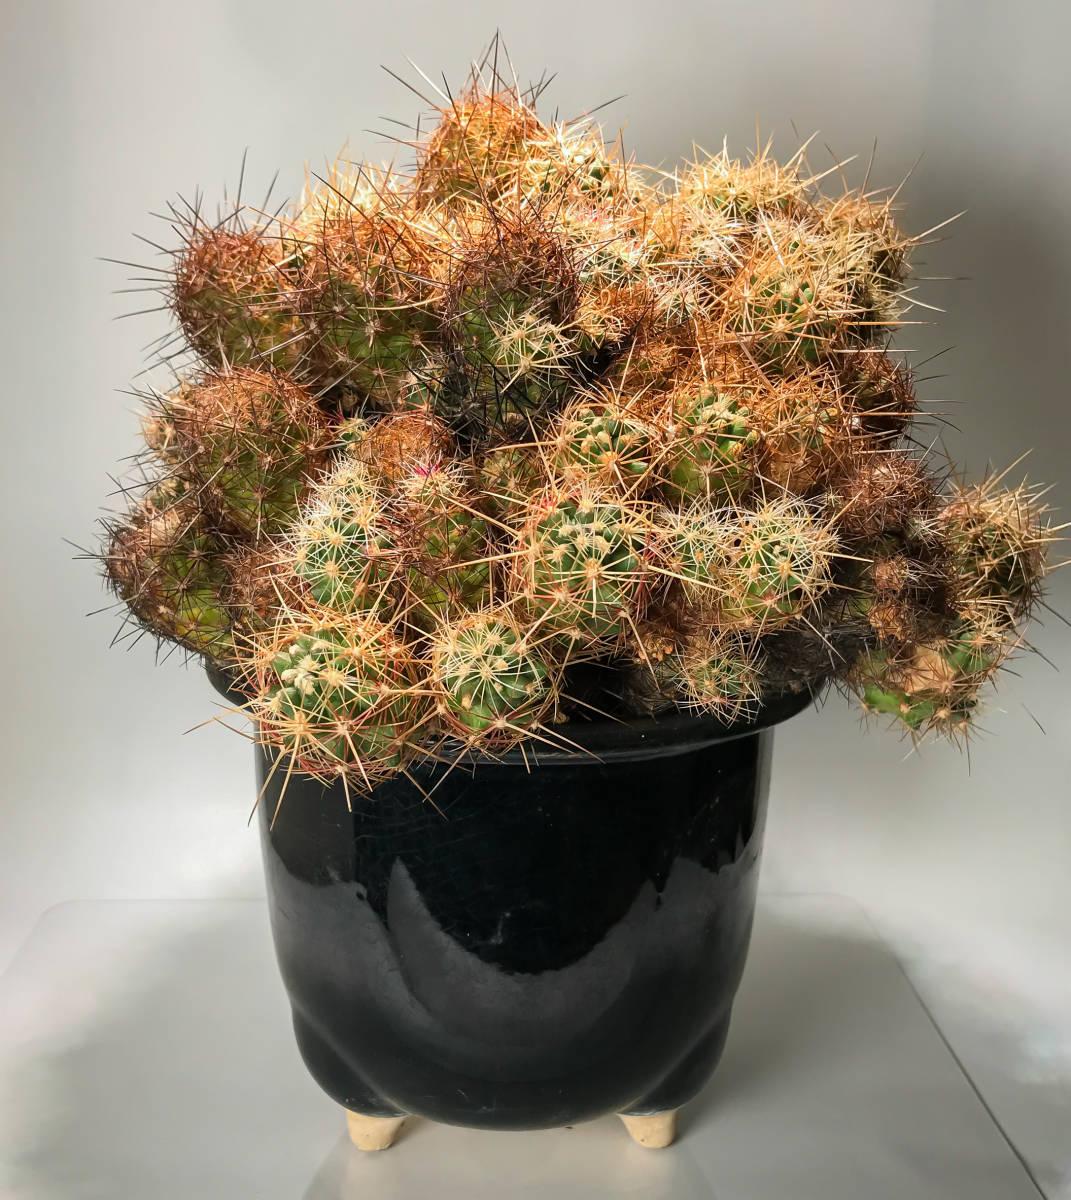 【テロカクタス 大統領 Tephrocactus 】サボテン コーデックス 塊根植物 多肉植物 パキポディウム_画像2